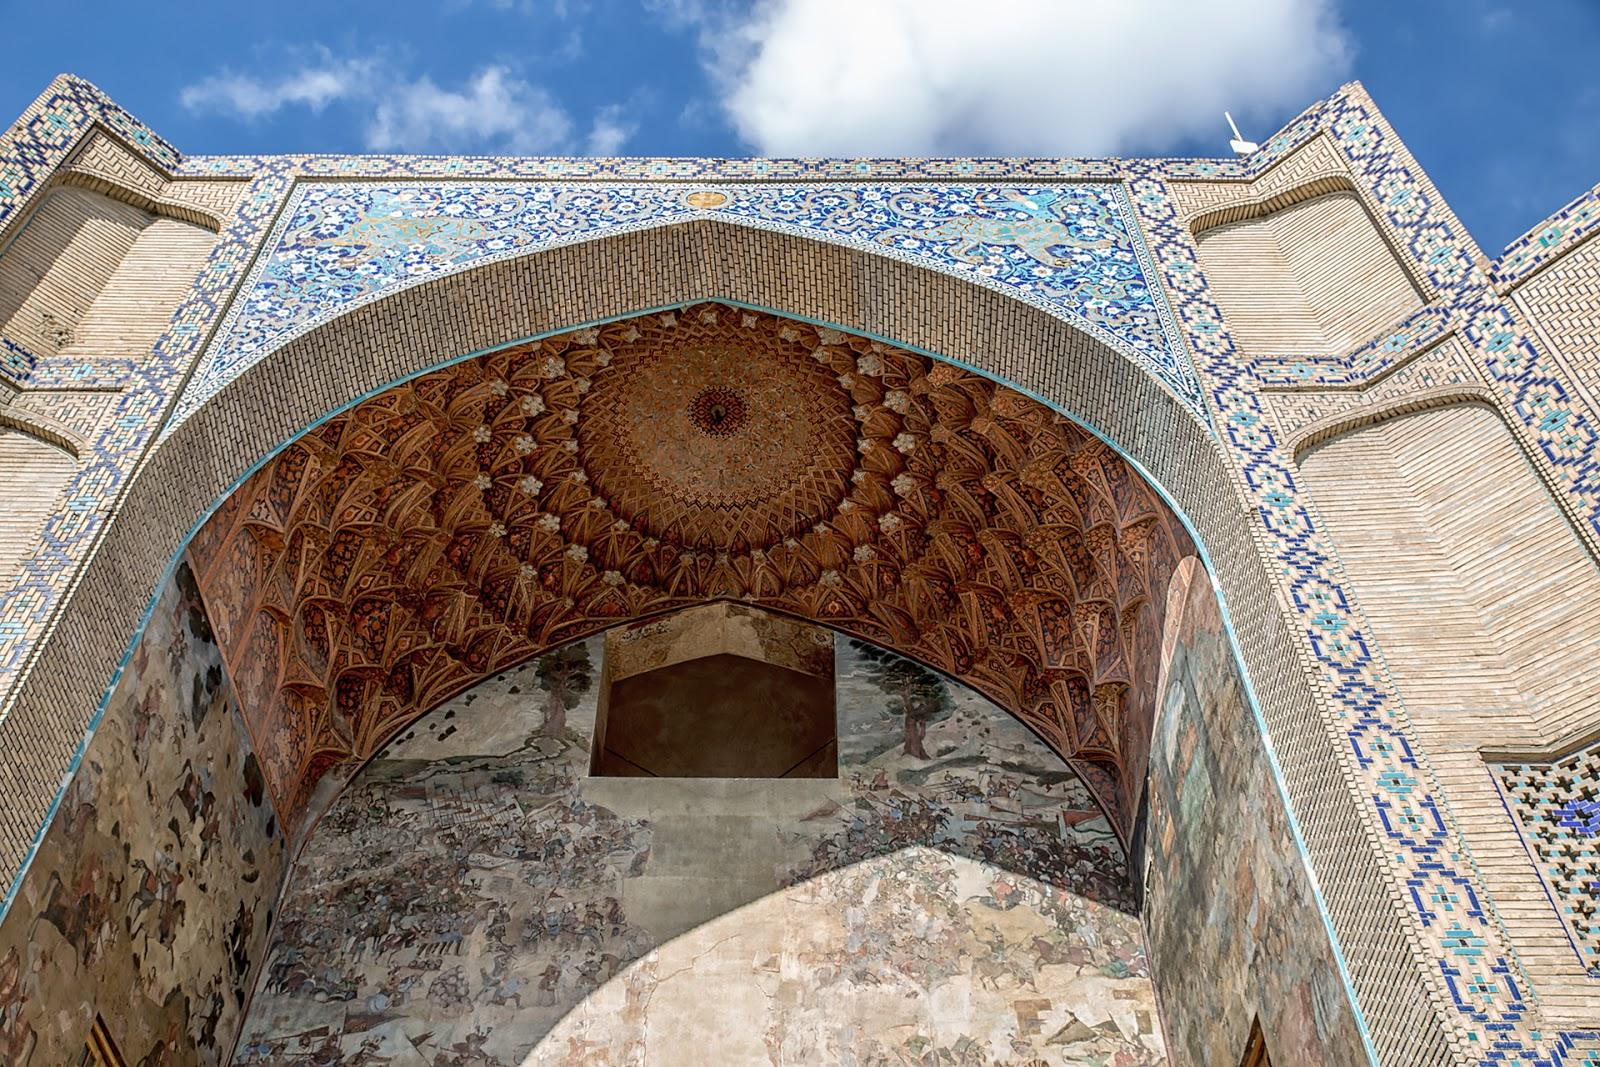 Zdobienia nad wejściem do bazaru,Isfahan,Iran